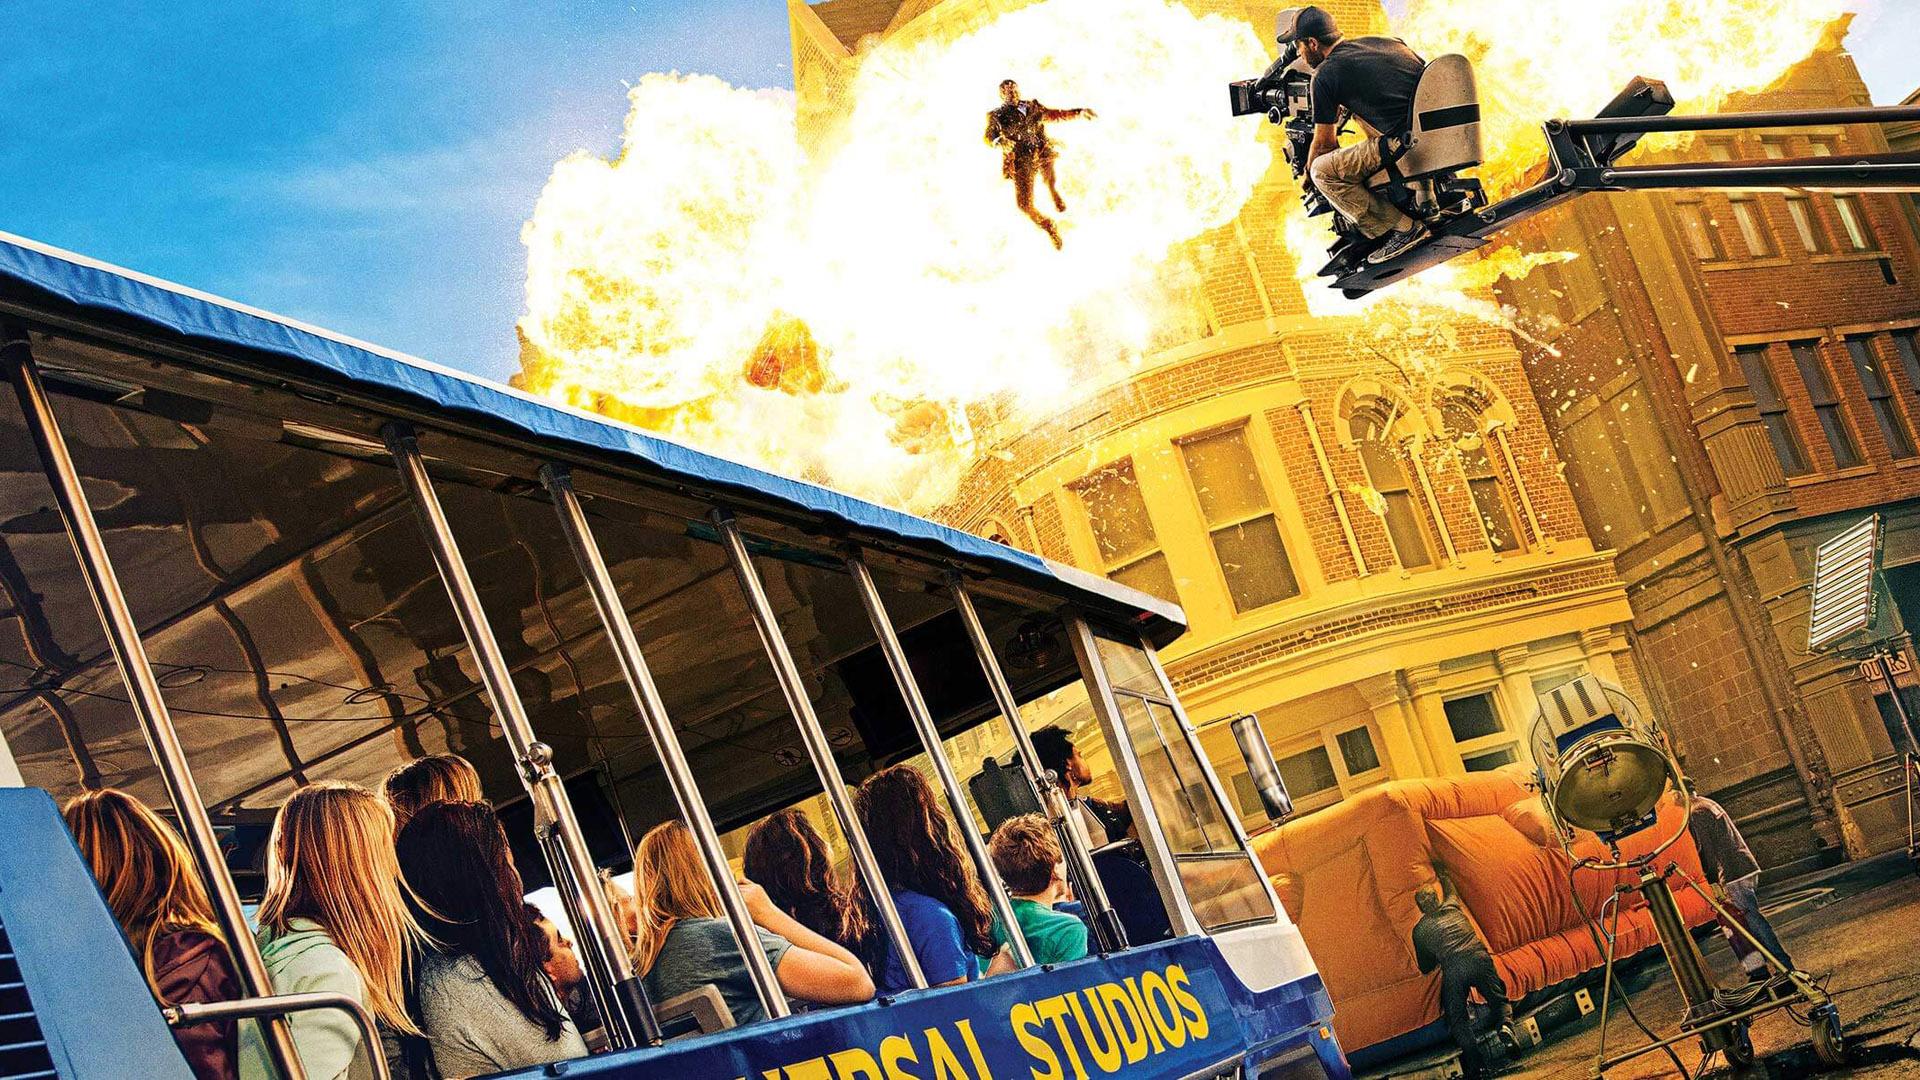 El Studio tour, ofrece un recorrido en tren en el cual van apareciendo escenarios y escenas en 3D de míticas películas